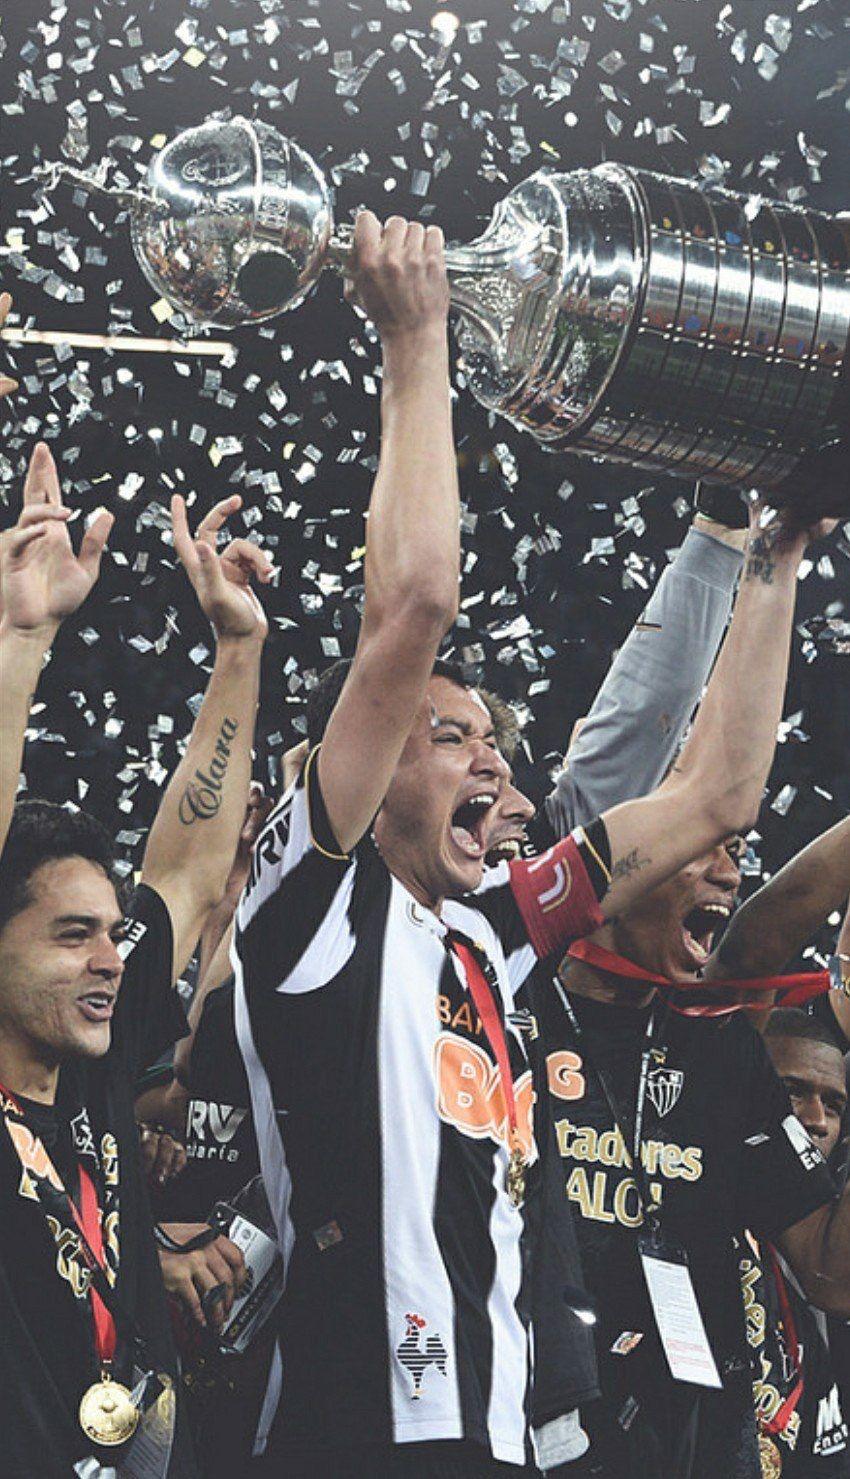 Rever Com A Taca Libertadores Da America Fotos Do Atletico Mineiro Galoucura Fotografia De Futebol